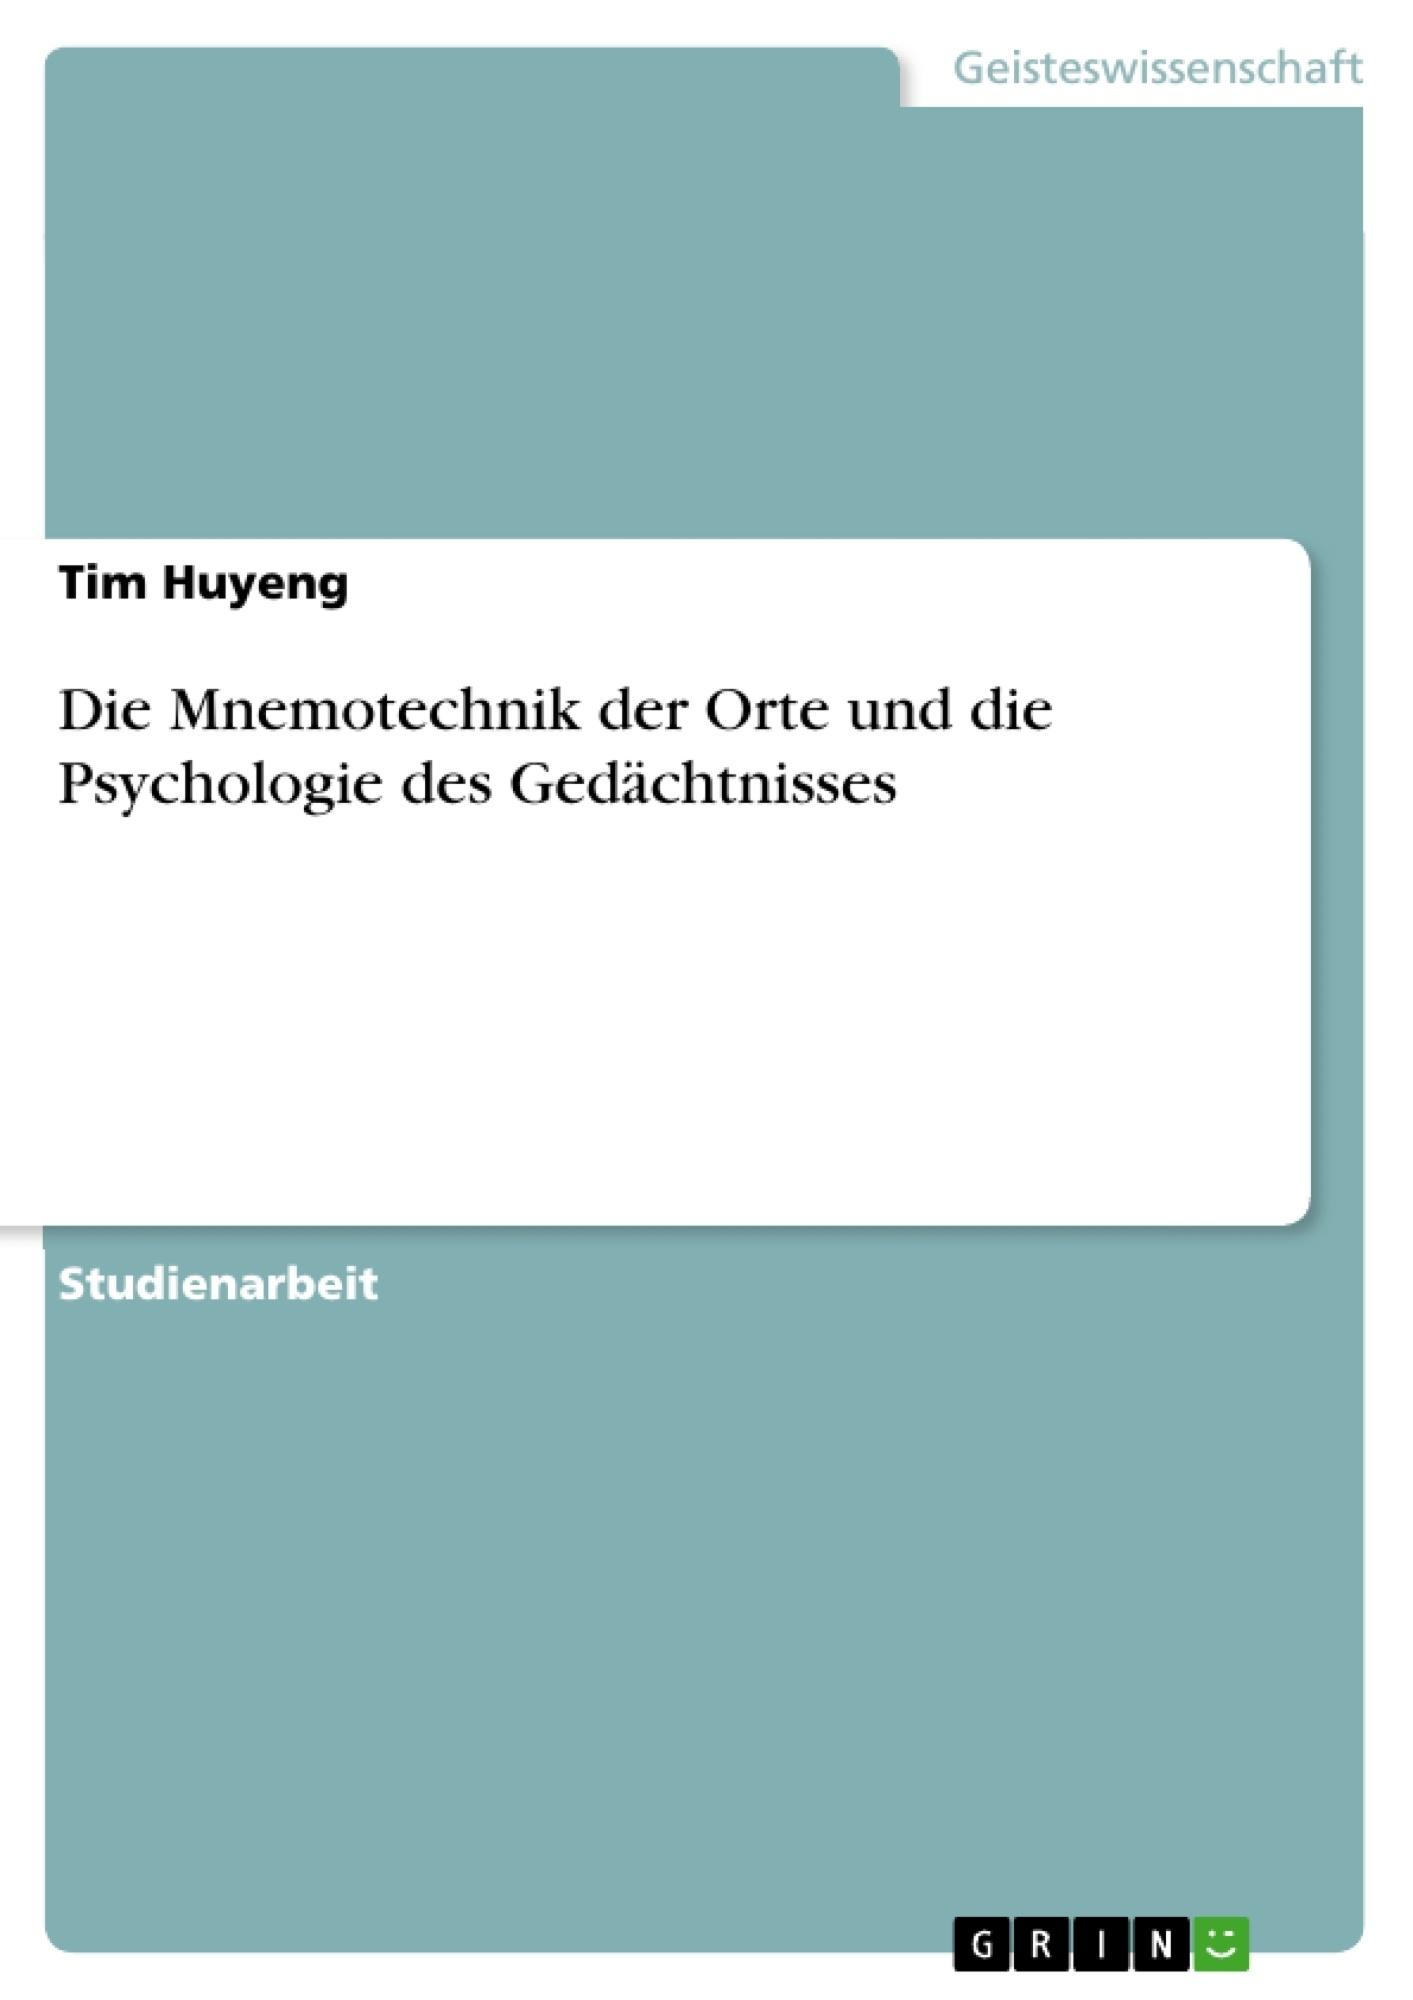 Titel: Die Mnemotechnik der Orte und die Psychologie des Gedächtnisses